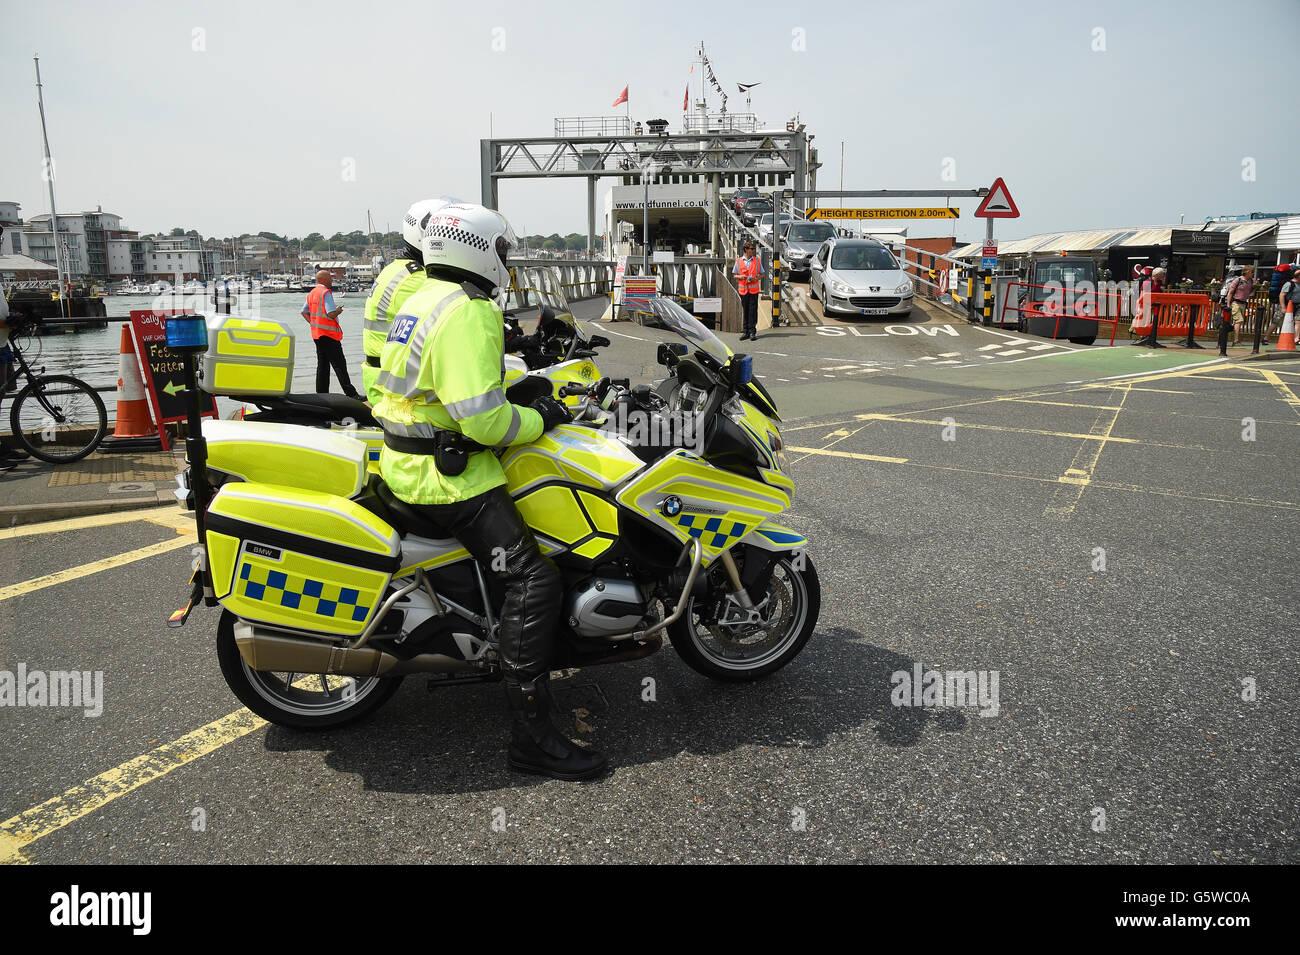 Les motocyclistes de la police à un port de ferry sur l'île de Wight Photo Stock